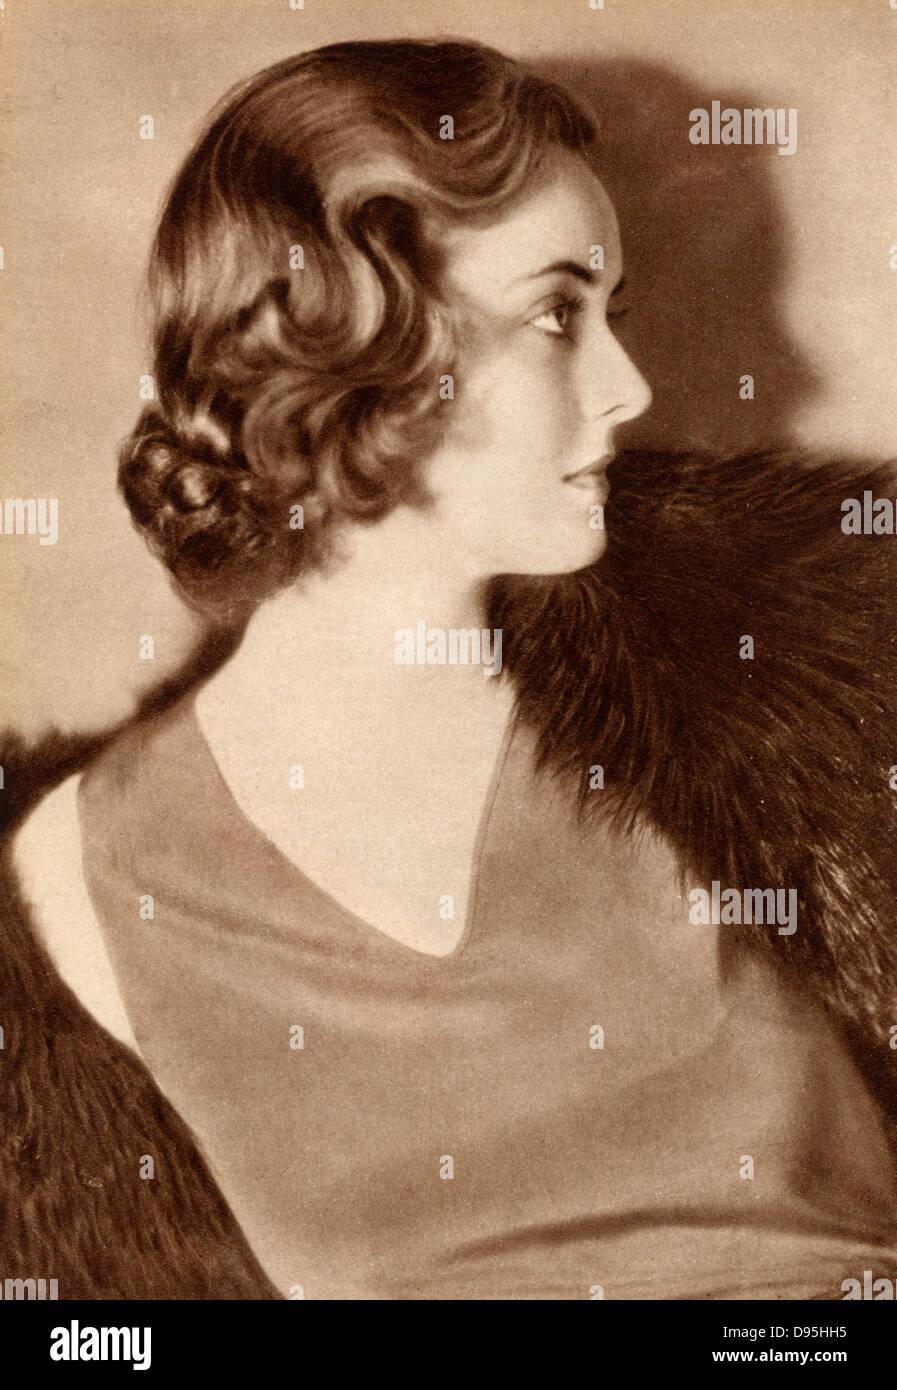 Bette Davis (1908-1989) American actriz de Hollywood y estrella de cine, como una mujer joven. Fotografía. Imagen De Stock